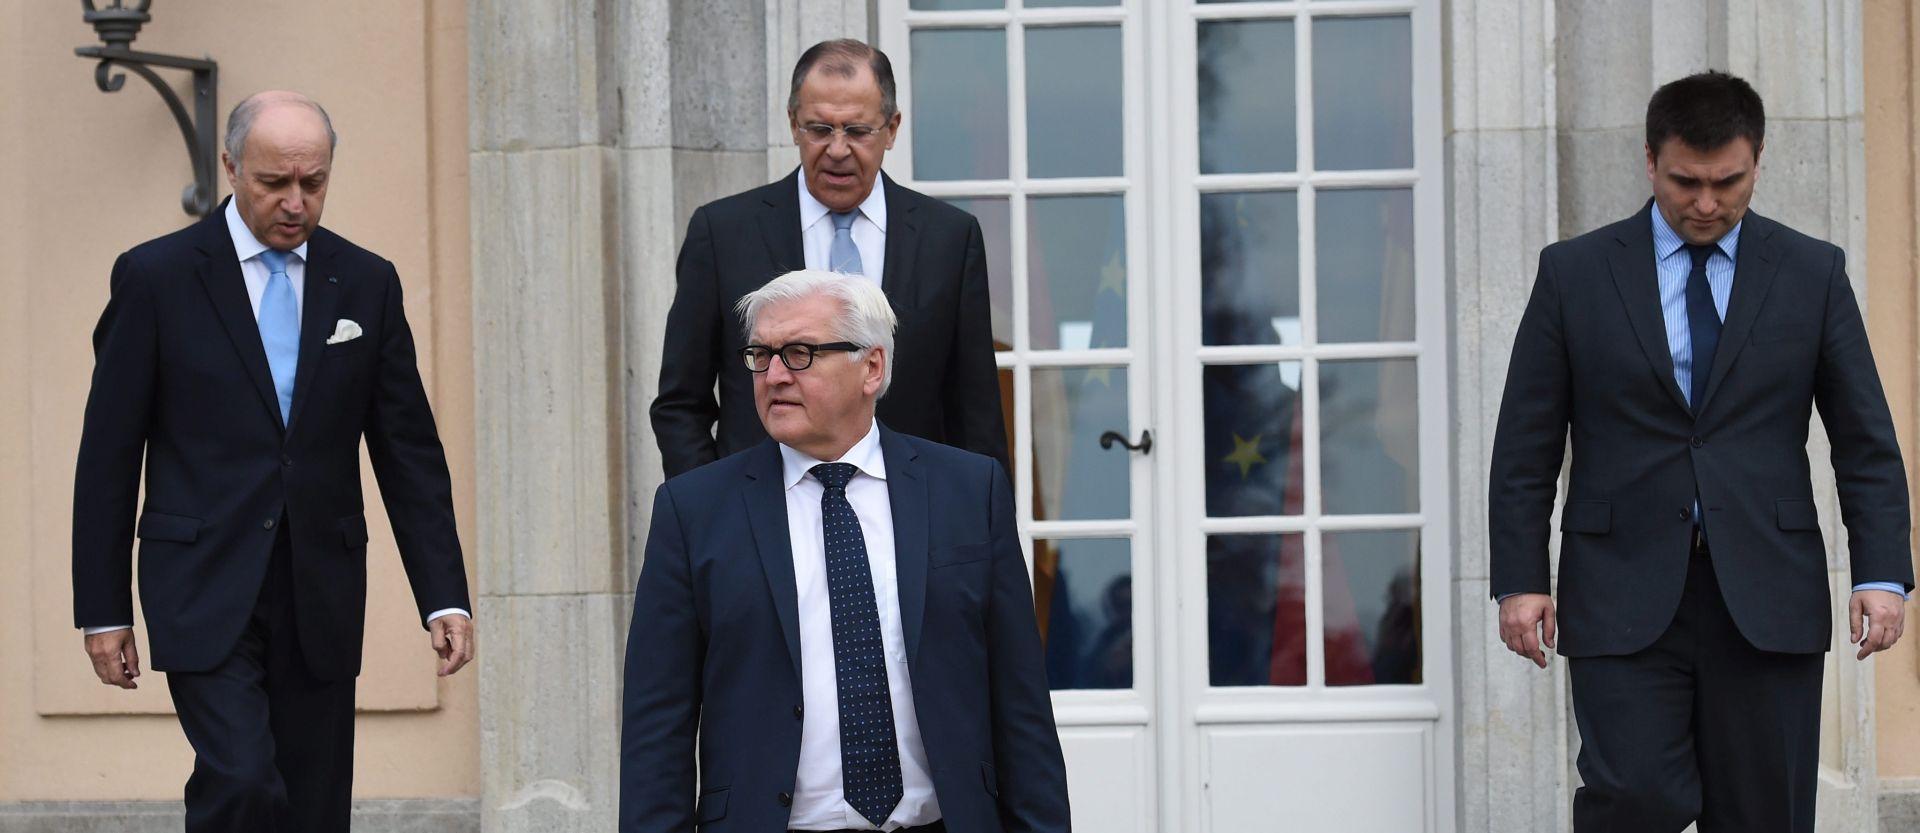 Šefovi diplomacije četvorke razgovarali o ukrajinskoj krizi